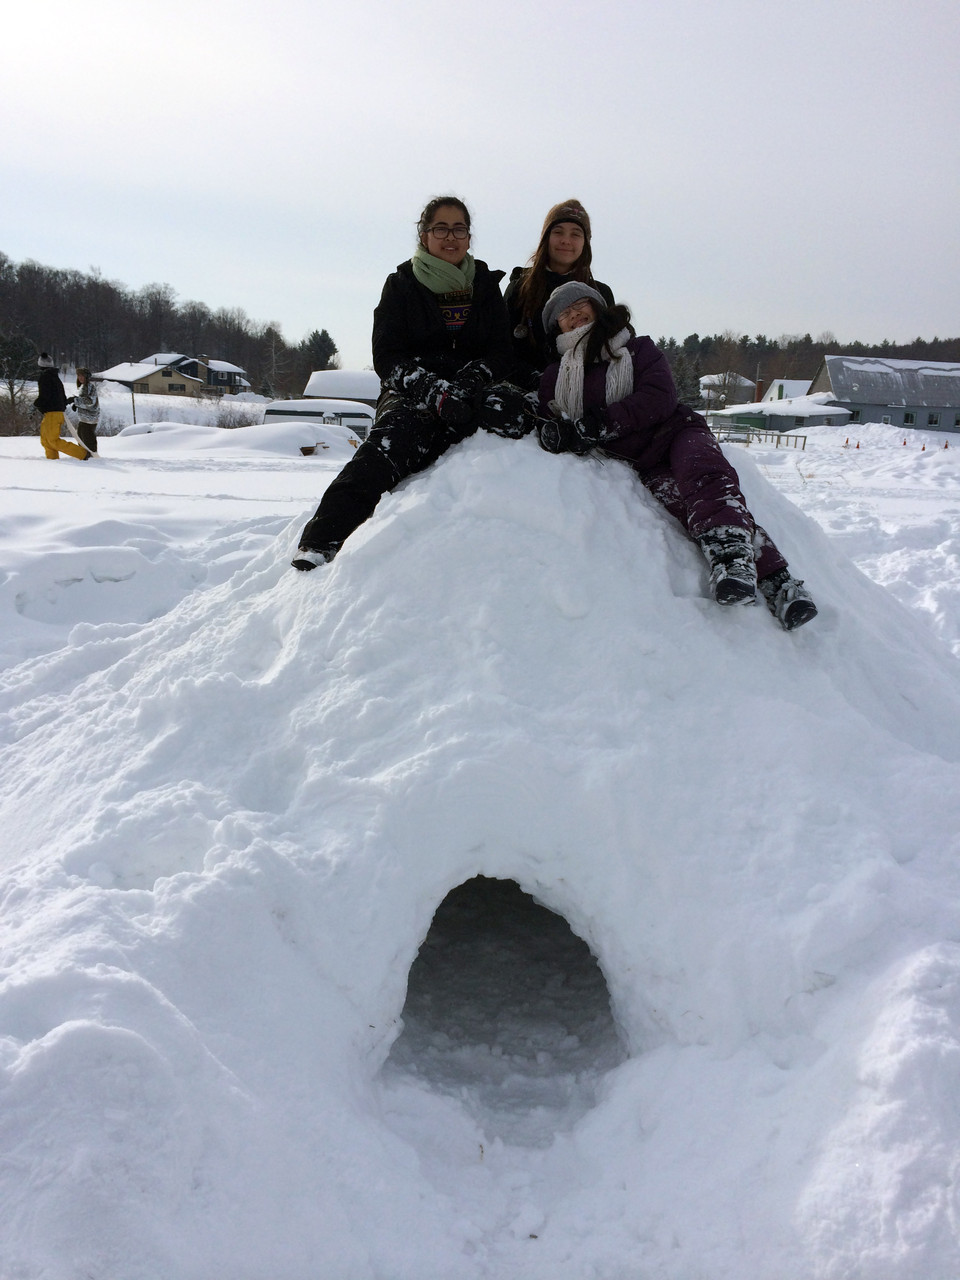 La patrouille de l'Hirondelle et leur hutte de neige construite en camp d'hiver